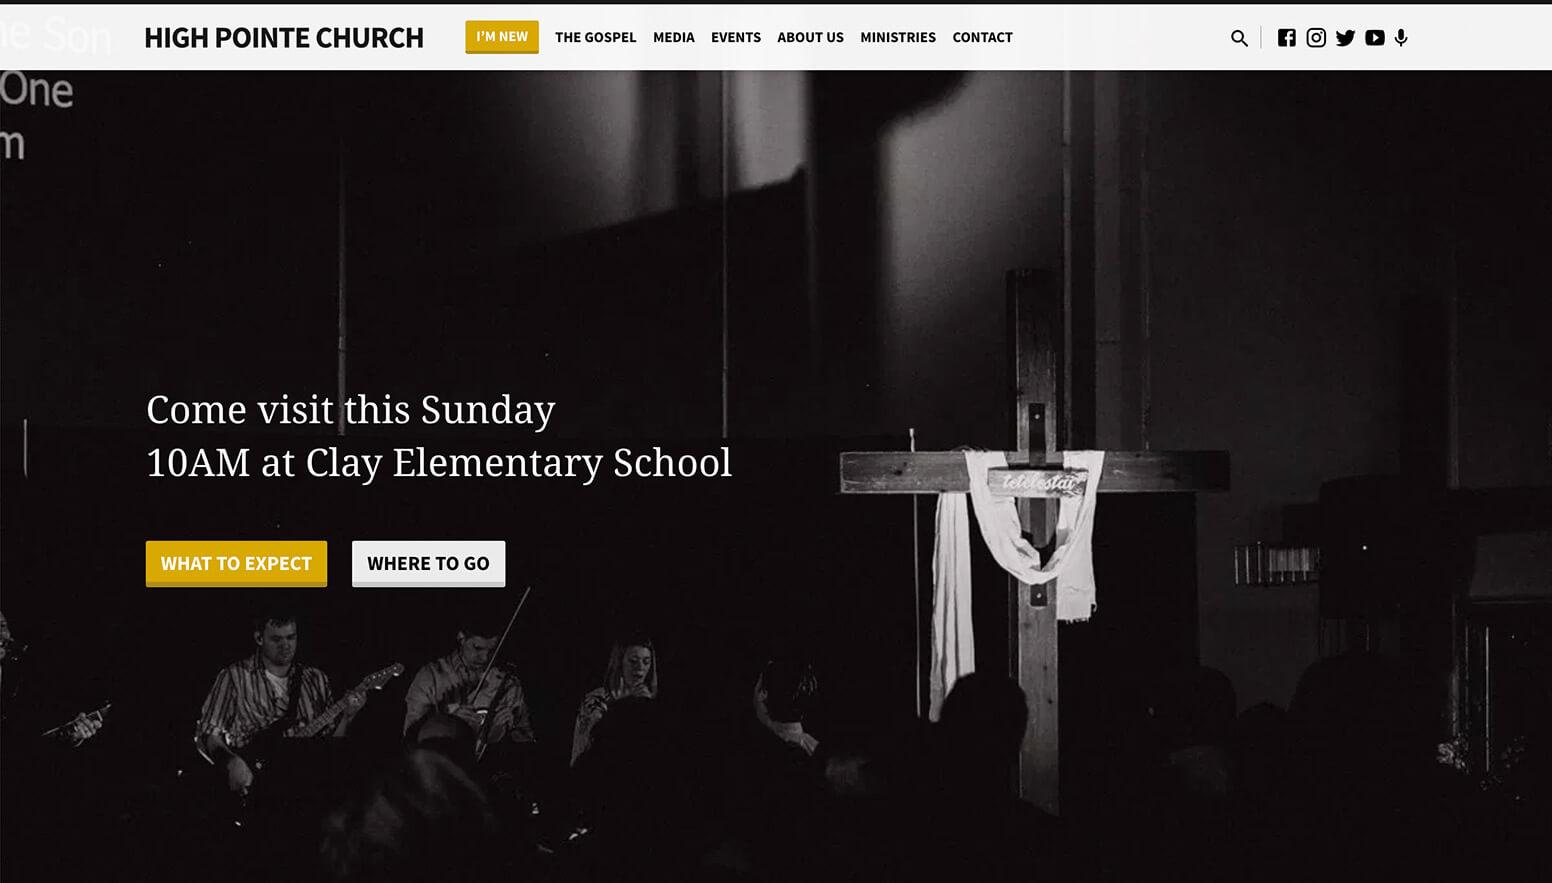 High Pointe Church Website